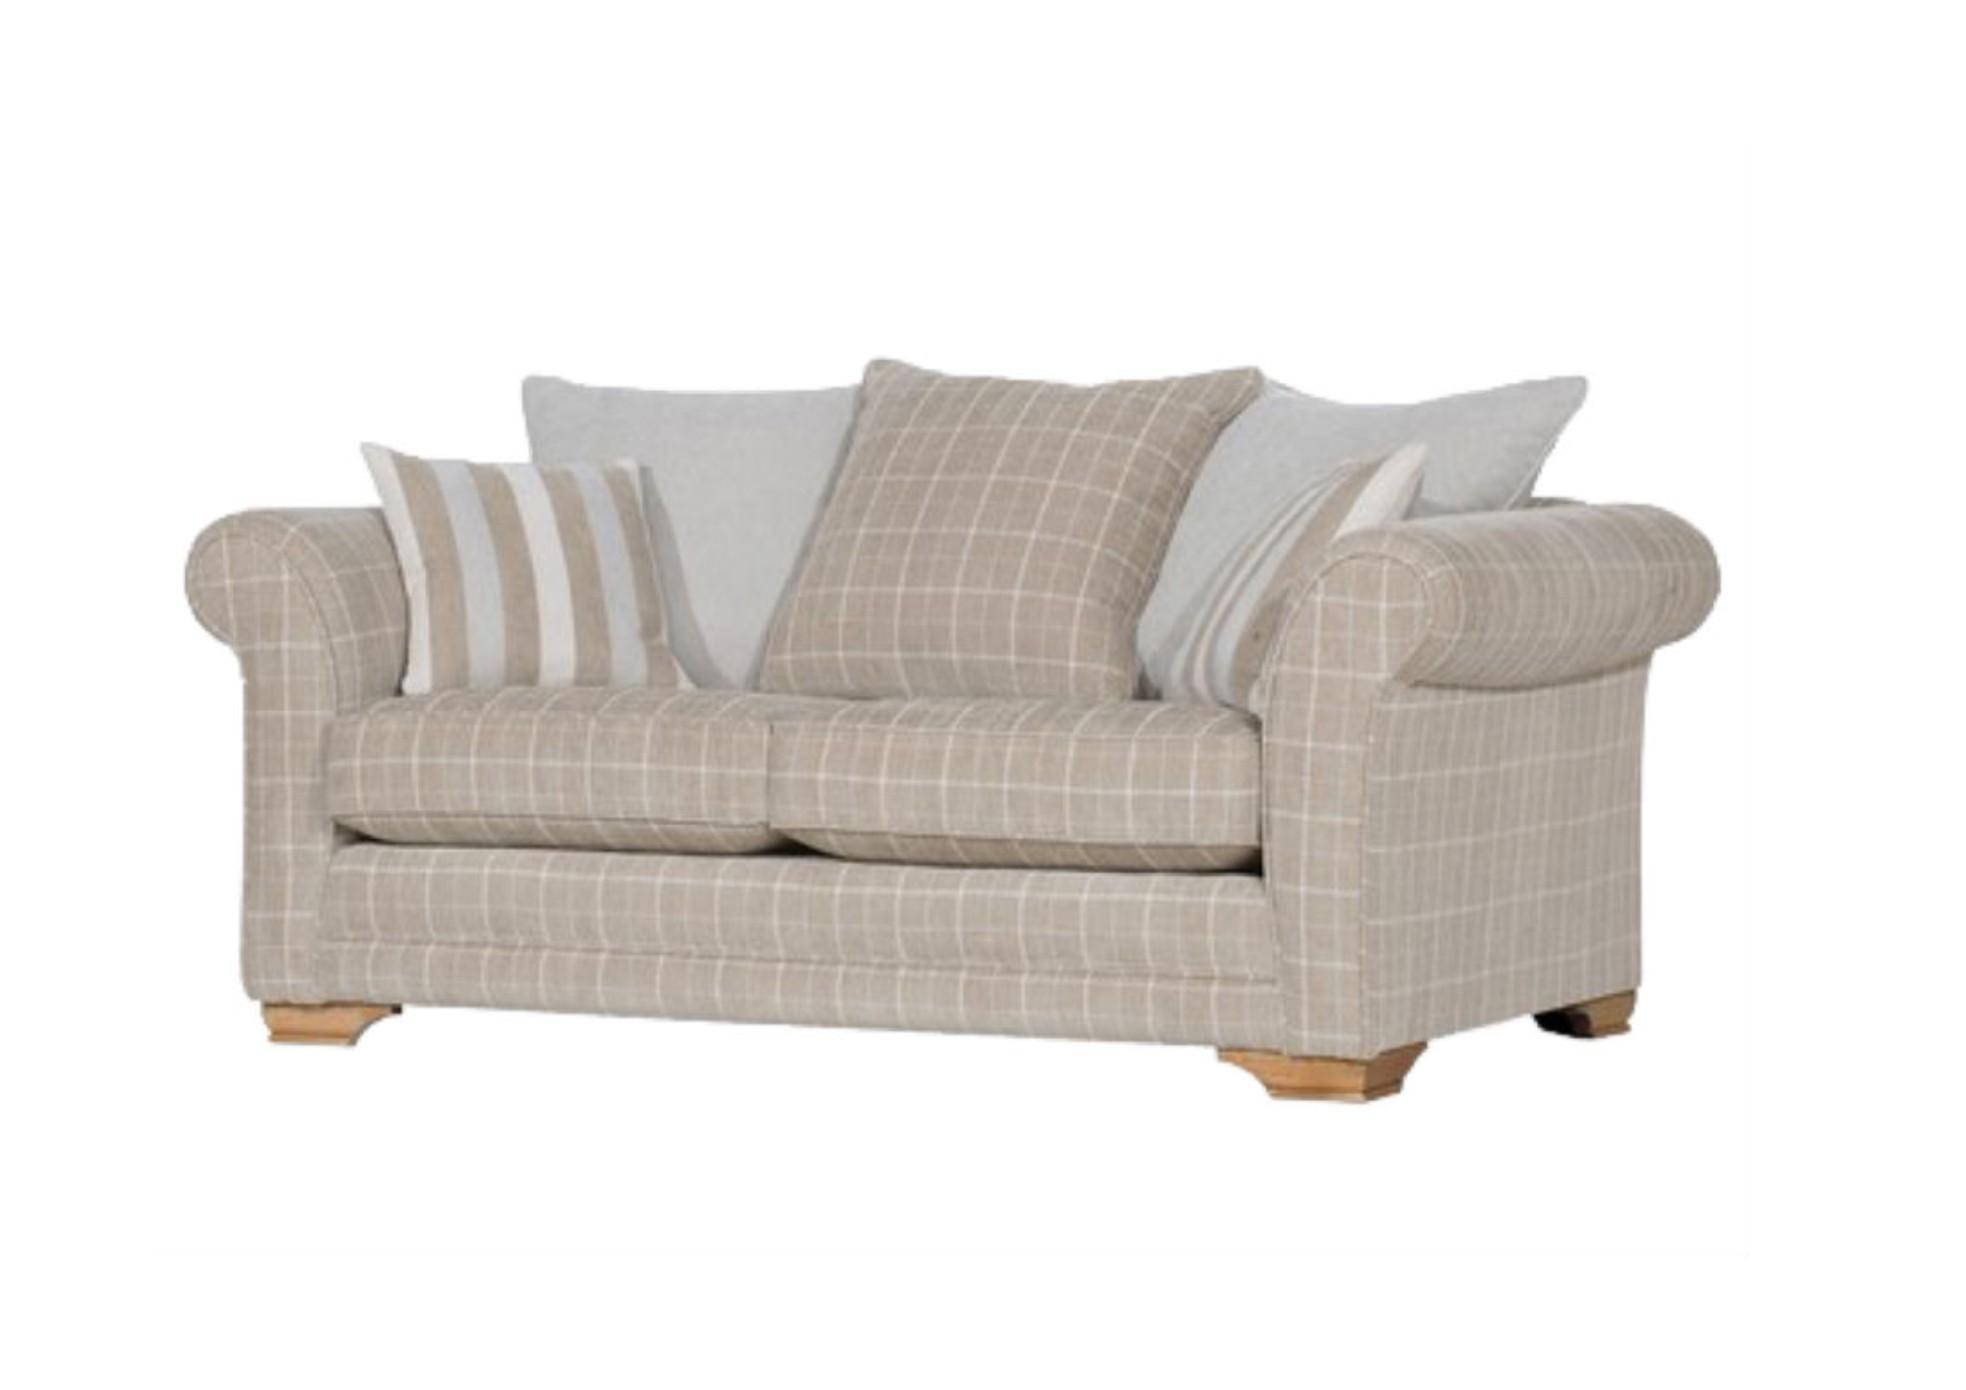 Newport 2 Seater Sofa Pillow